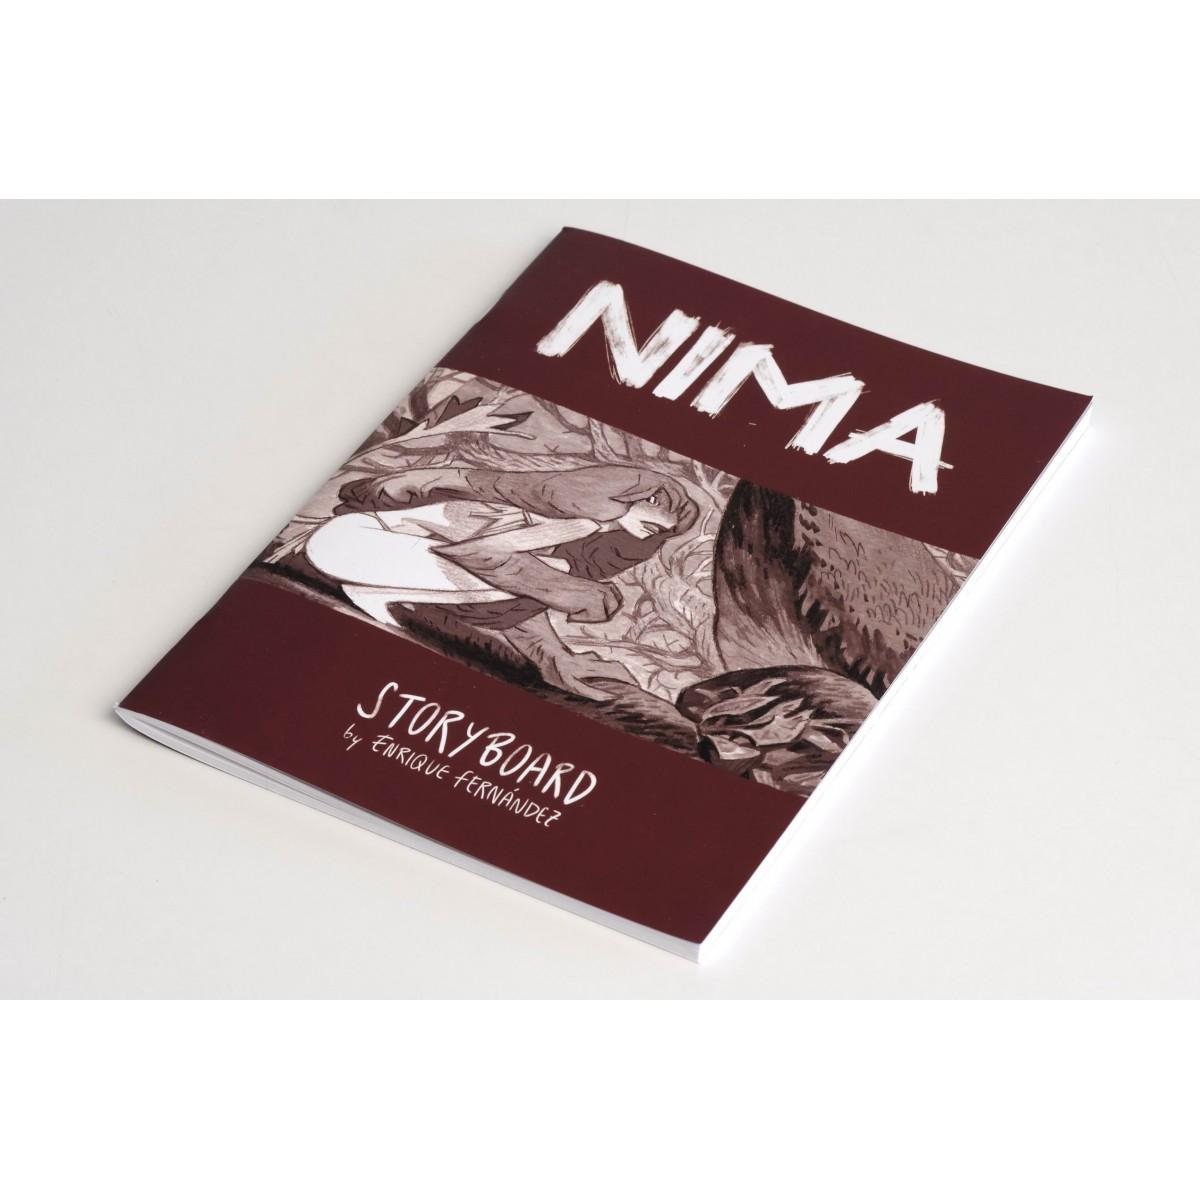 NIMA - storyboard - Enrique Fernández